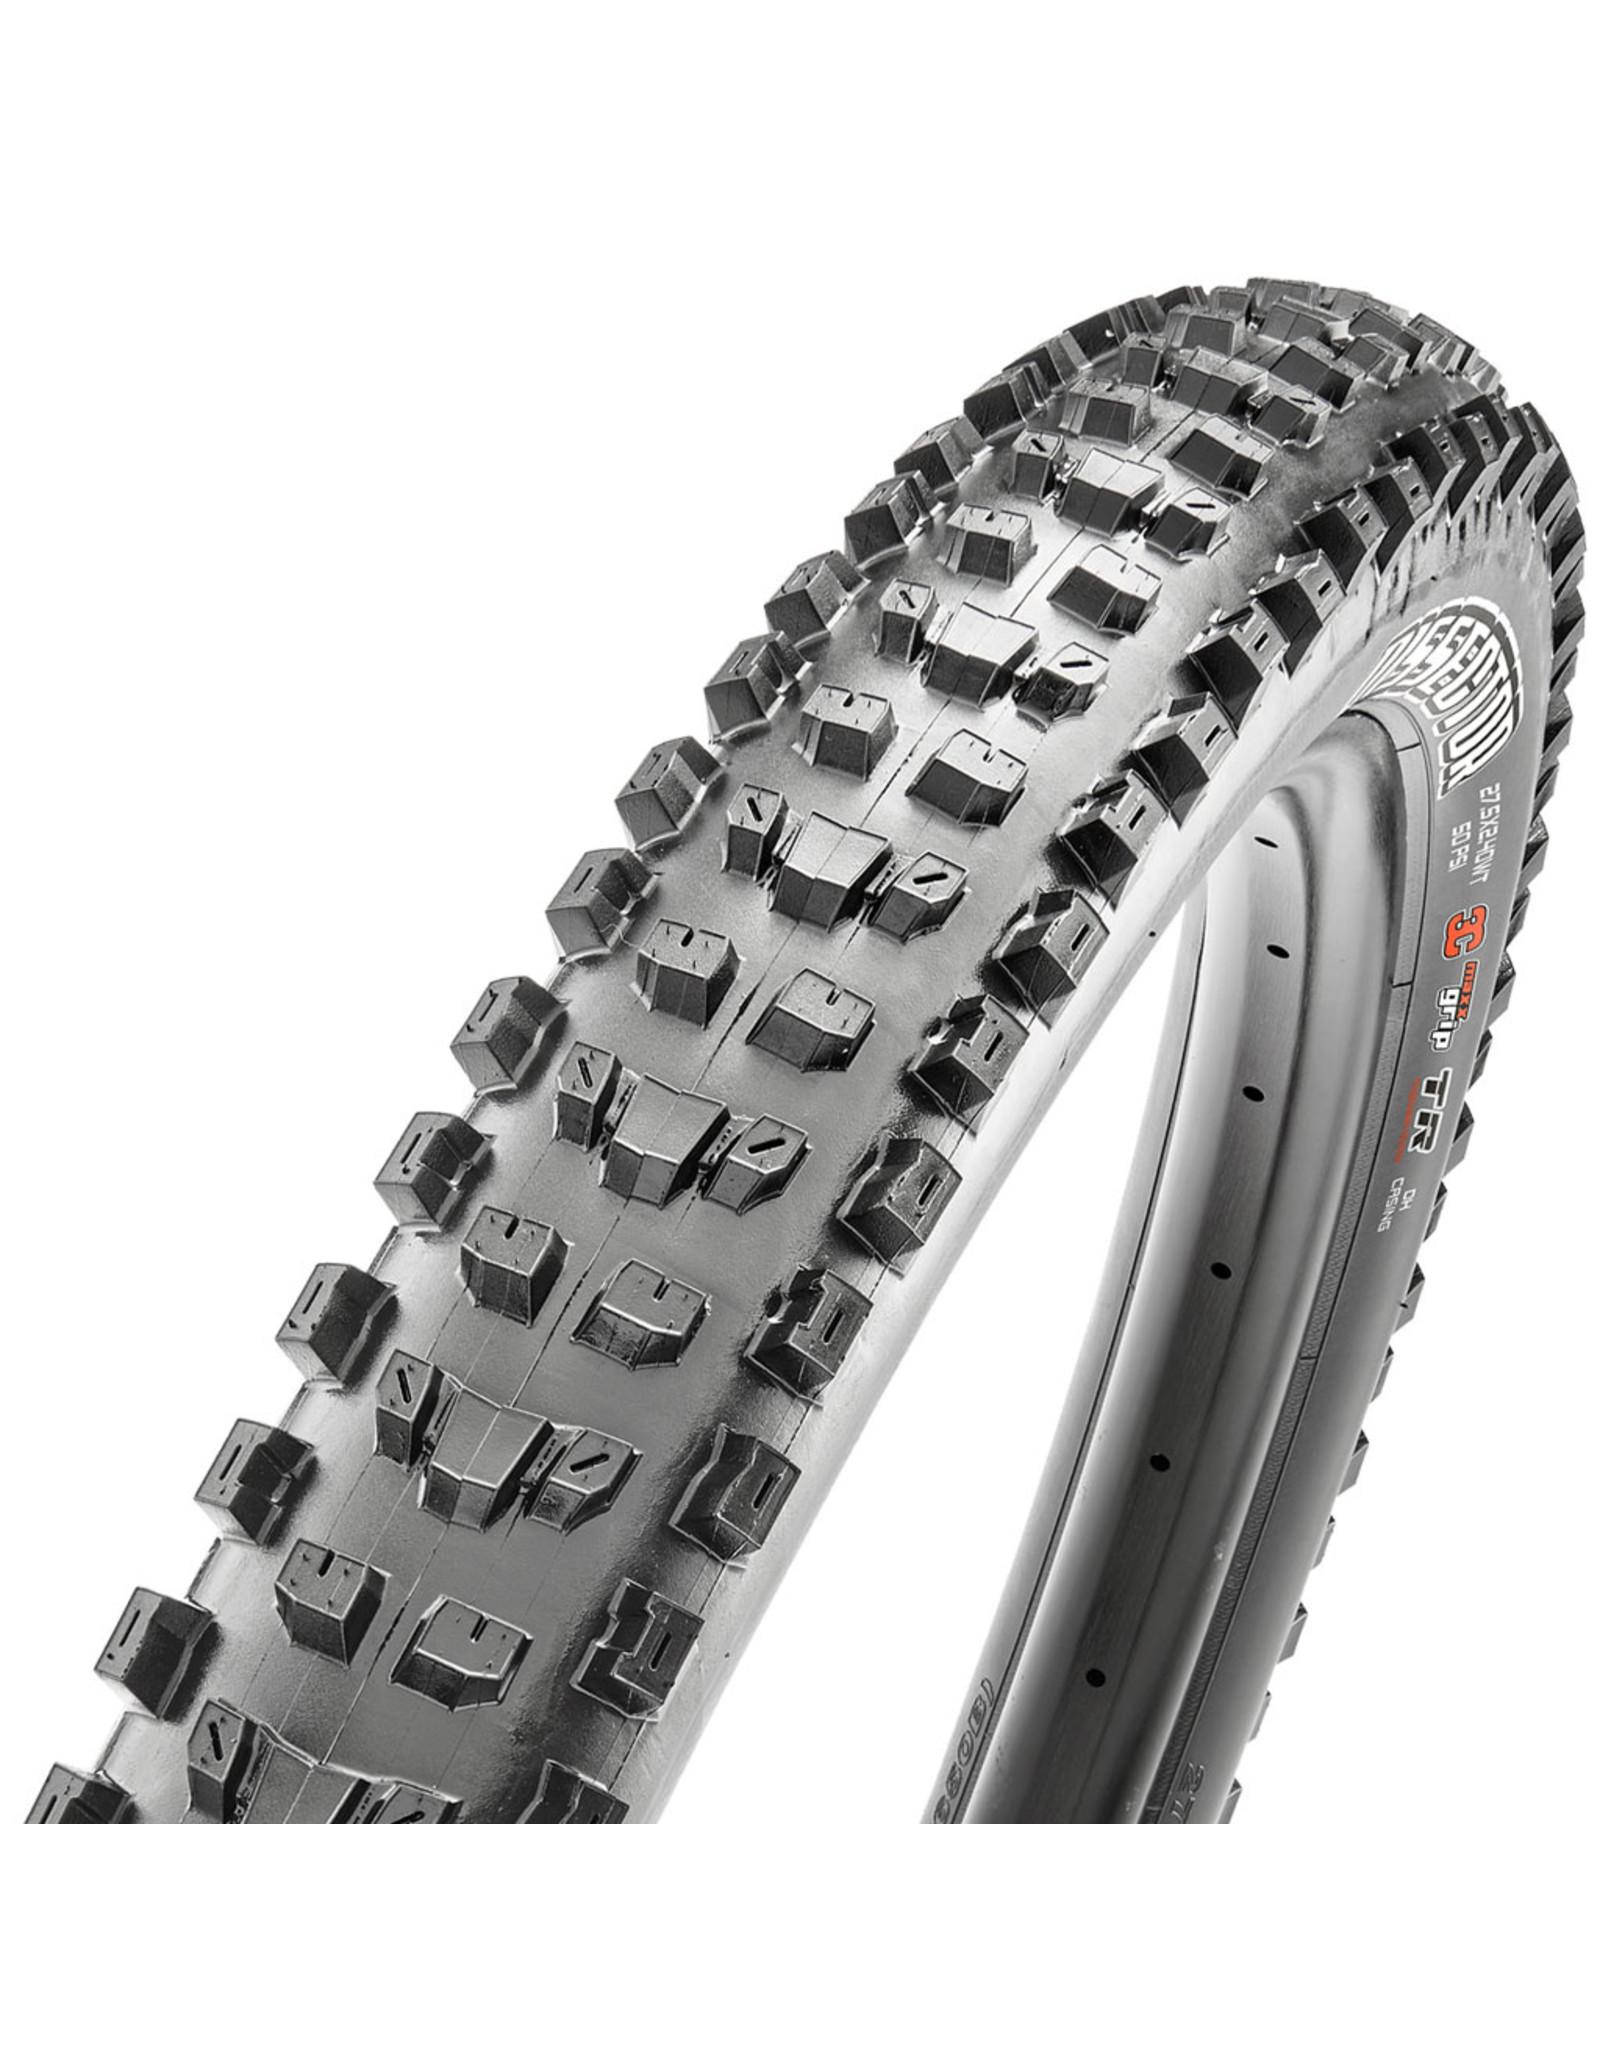 MAXXIS tire  27.5x2.4 DISSECTOR F60 3C MAXX TERRA EXO TR WT